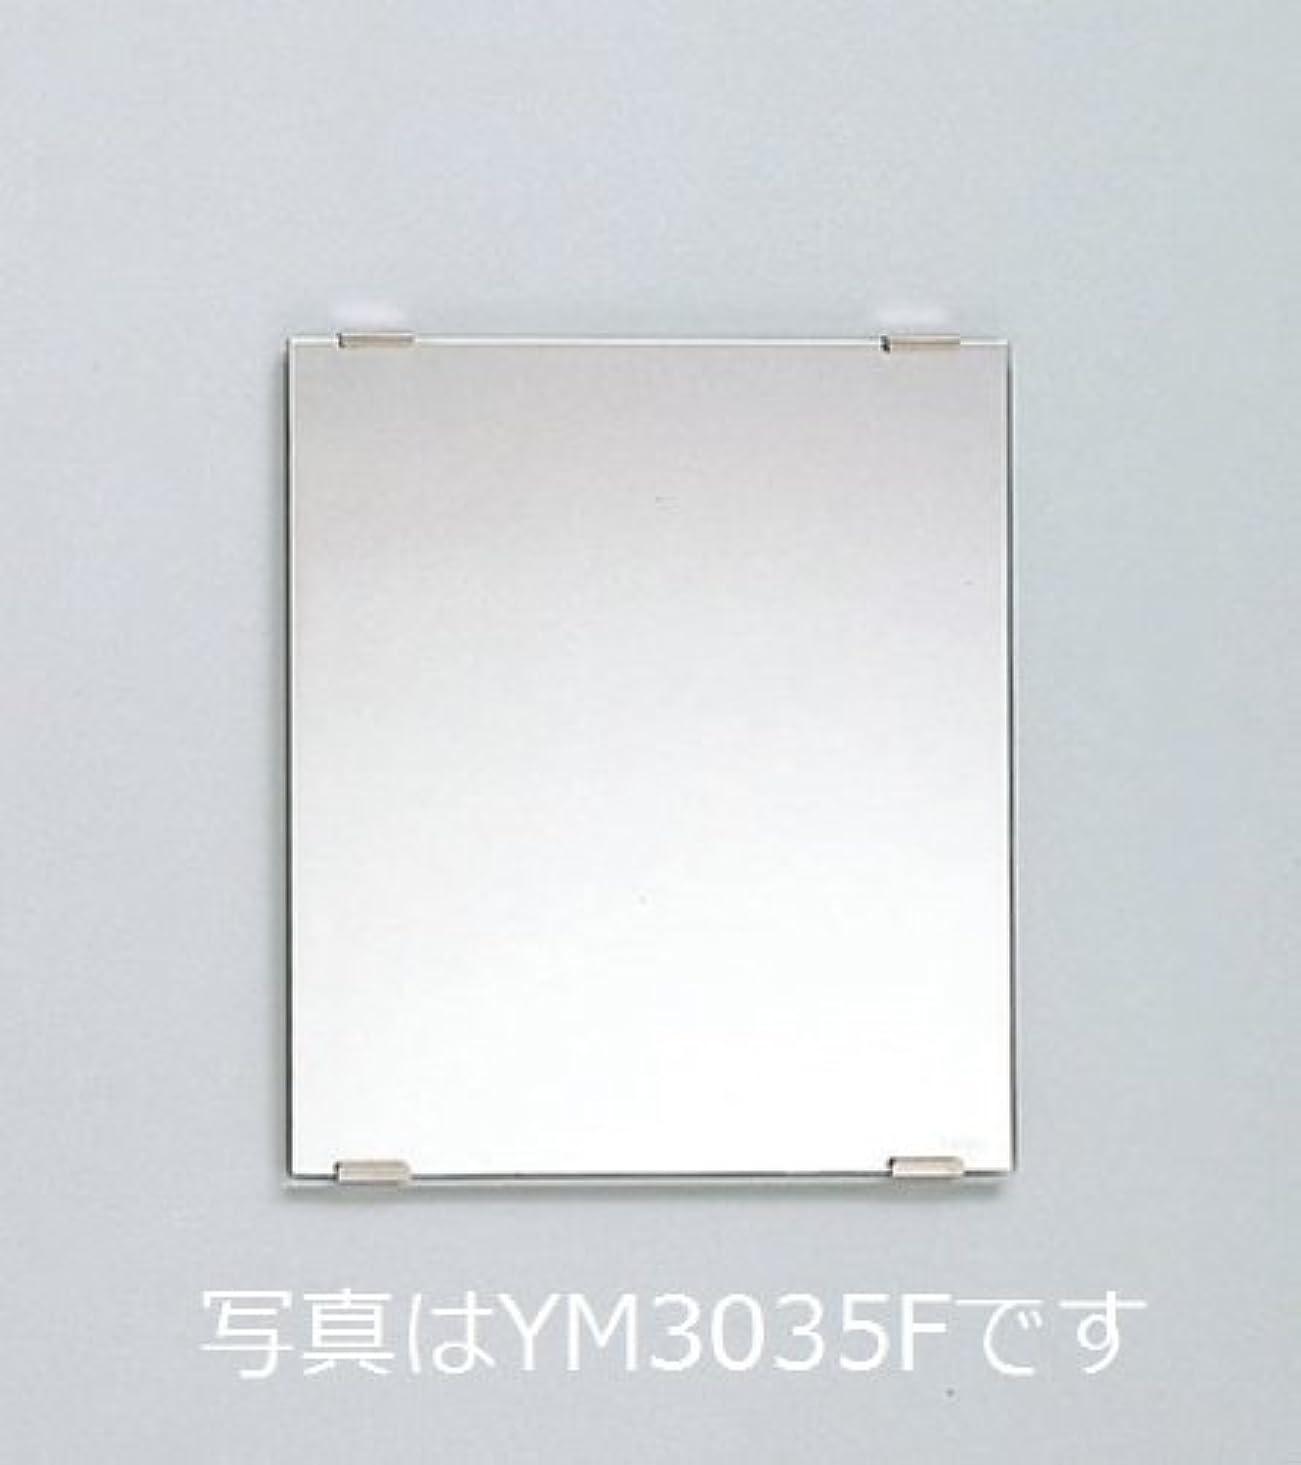 モッキンバード弓レクリエーションTOTO 化粧鏡 YM3560F 耐食鏡 角型 350×600(mm)